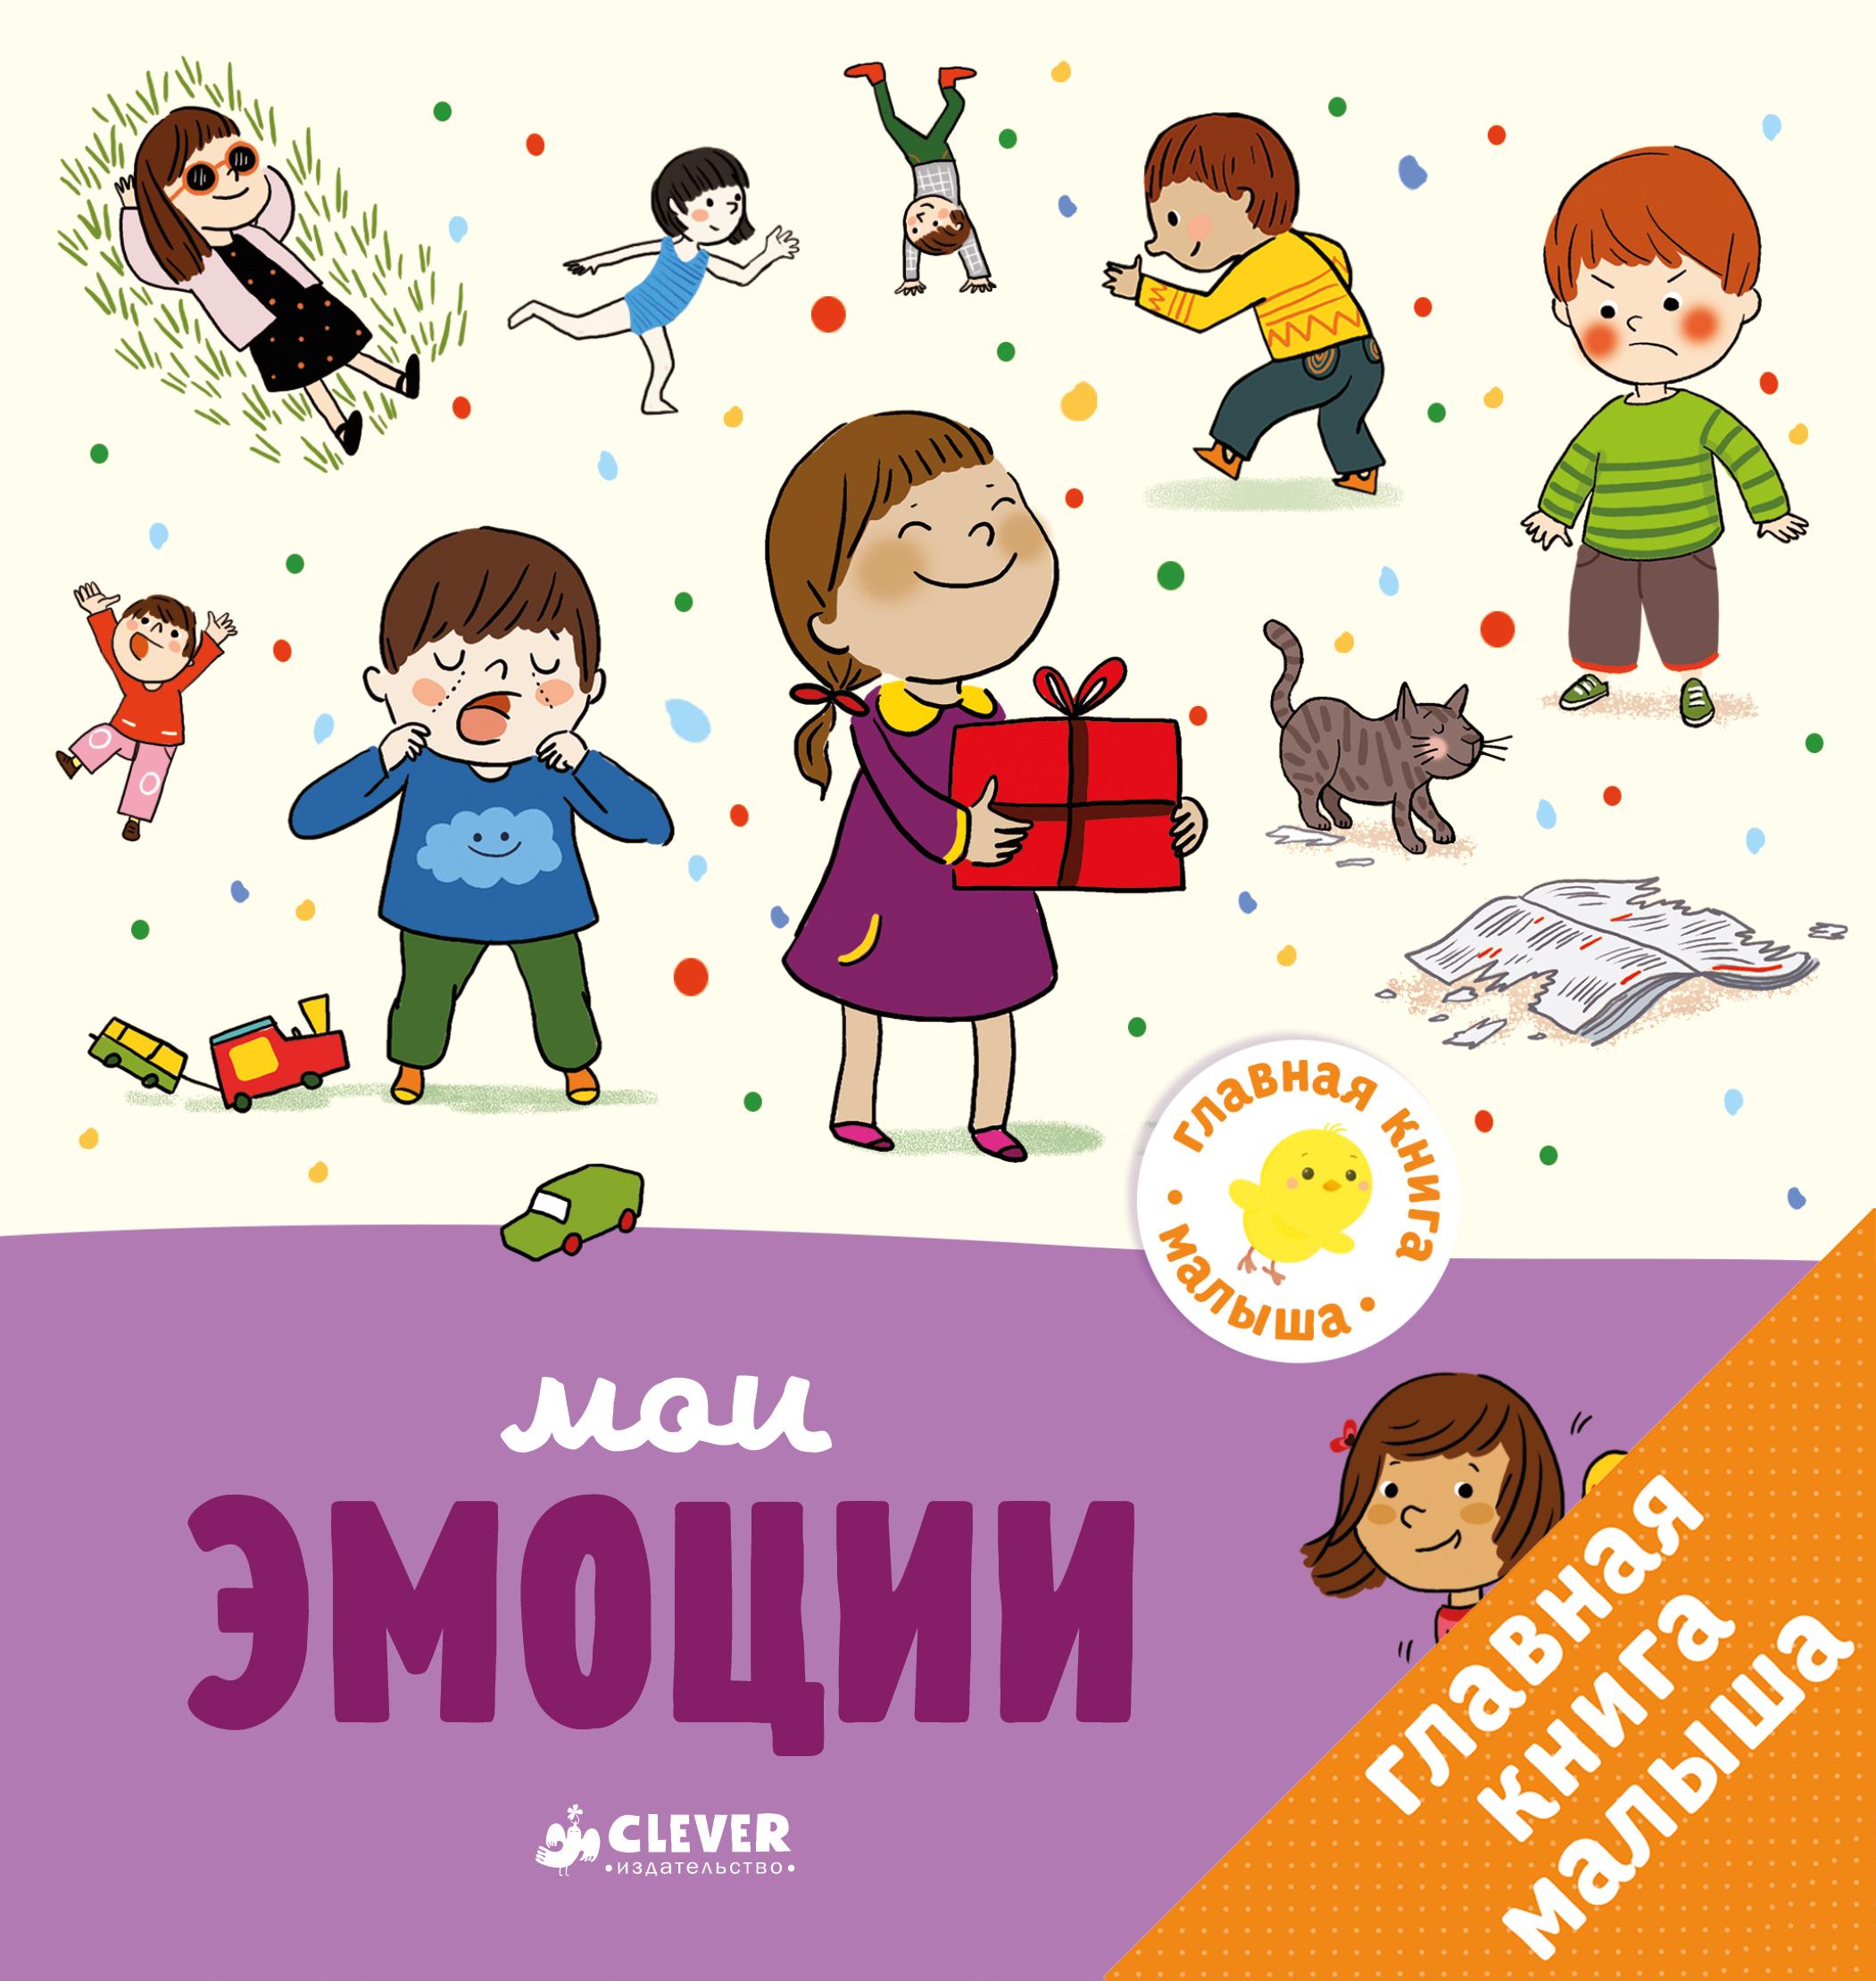 Купить Главная книга малыша. Мои эмоции, Аньес Бессон, 978-5-00115-005-3